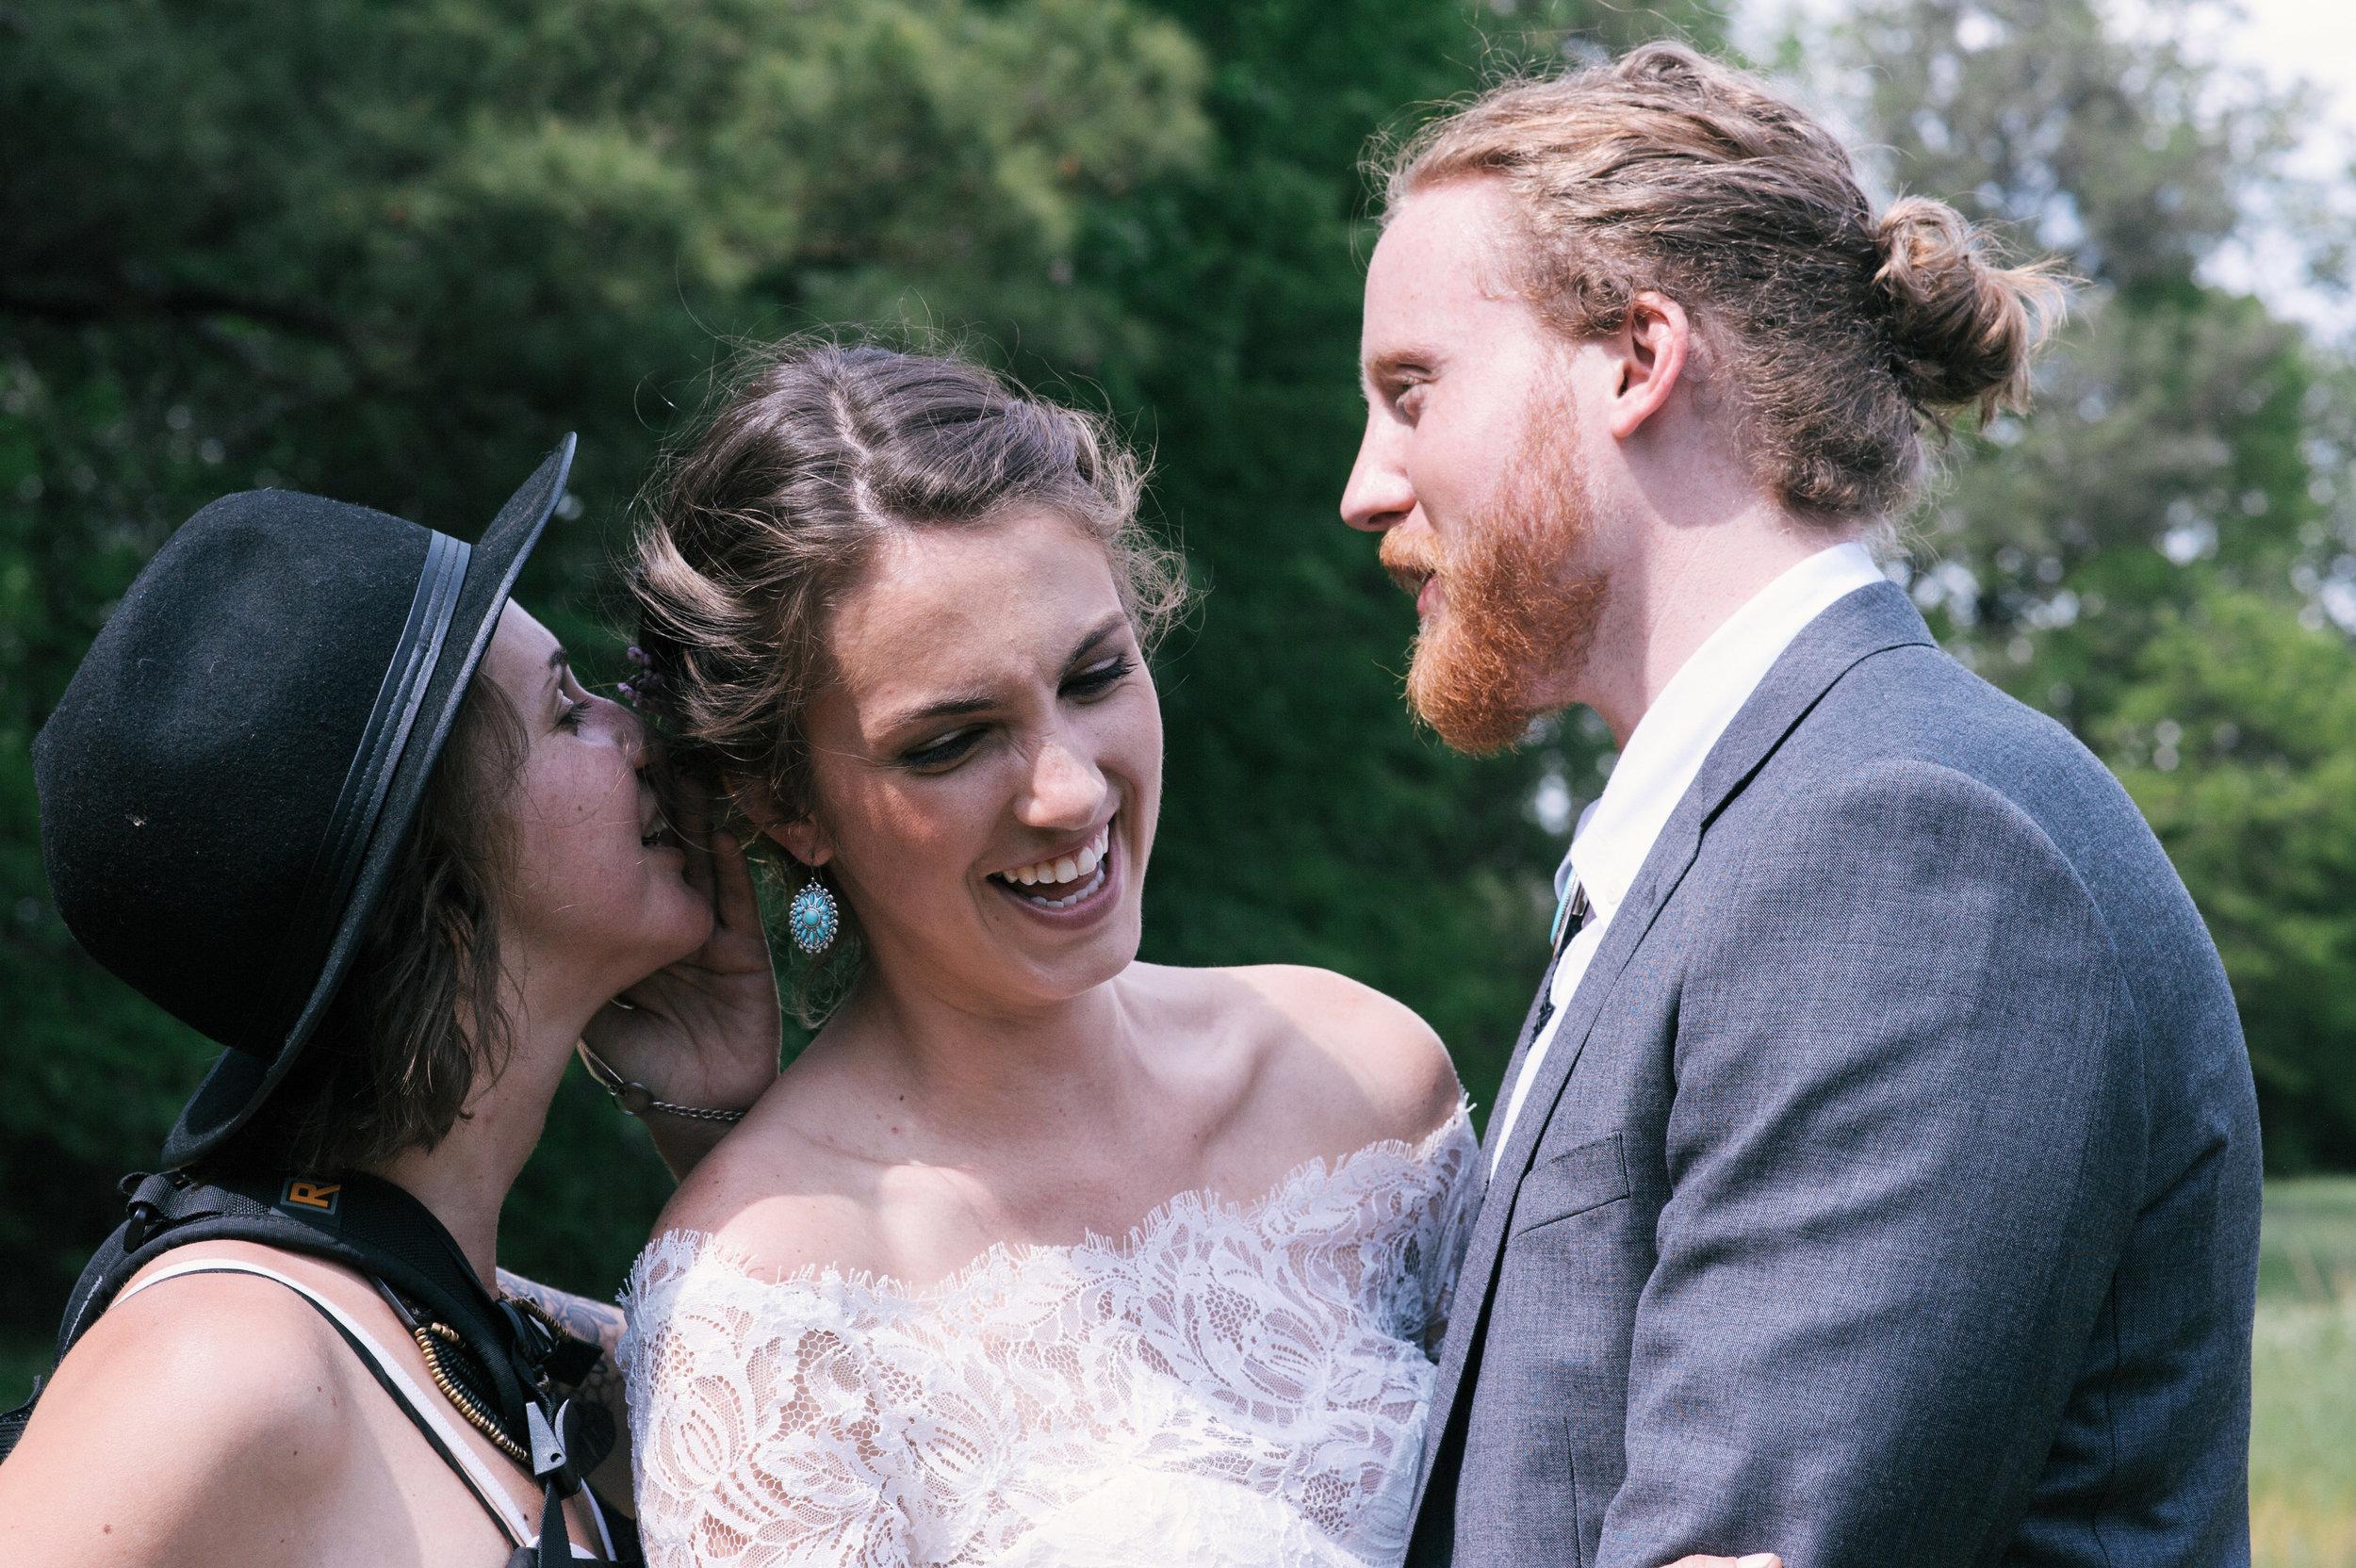 raleigh-elopement-photographer-raleigh-durham-wedding-maddie-and-devin- (141 of 162).jpg